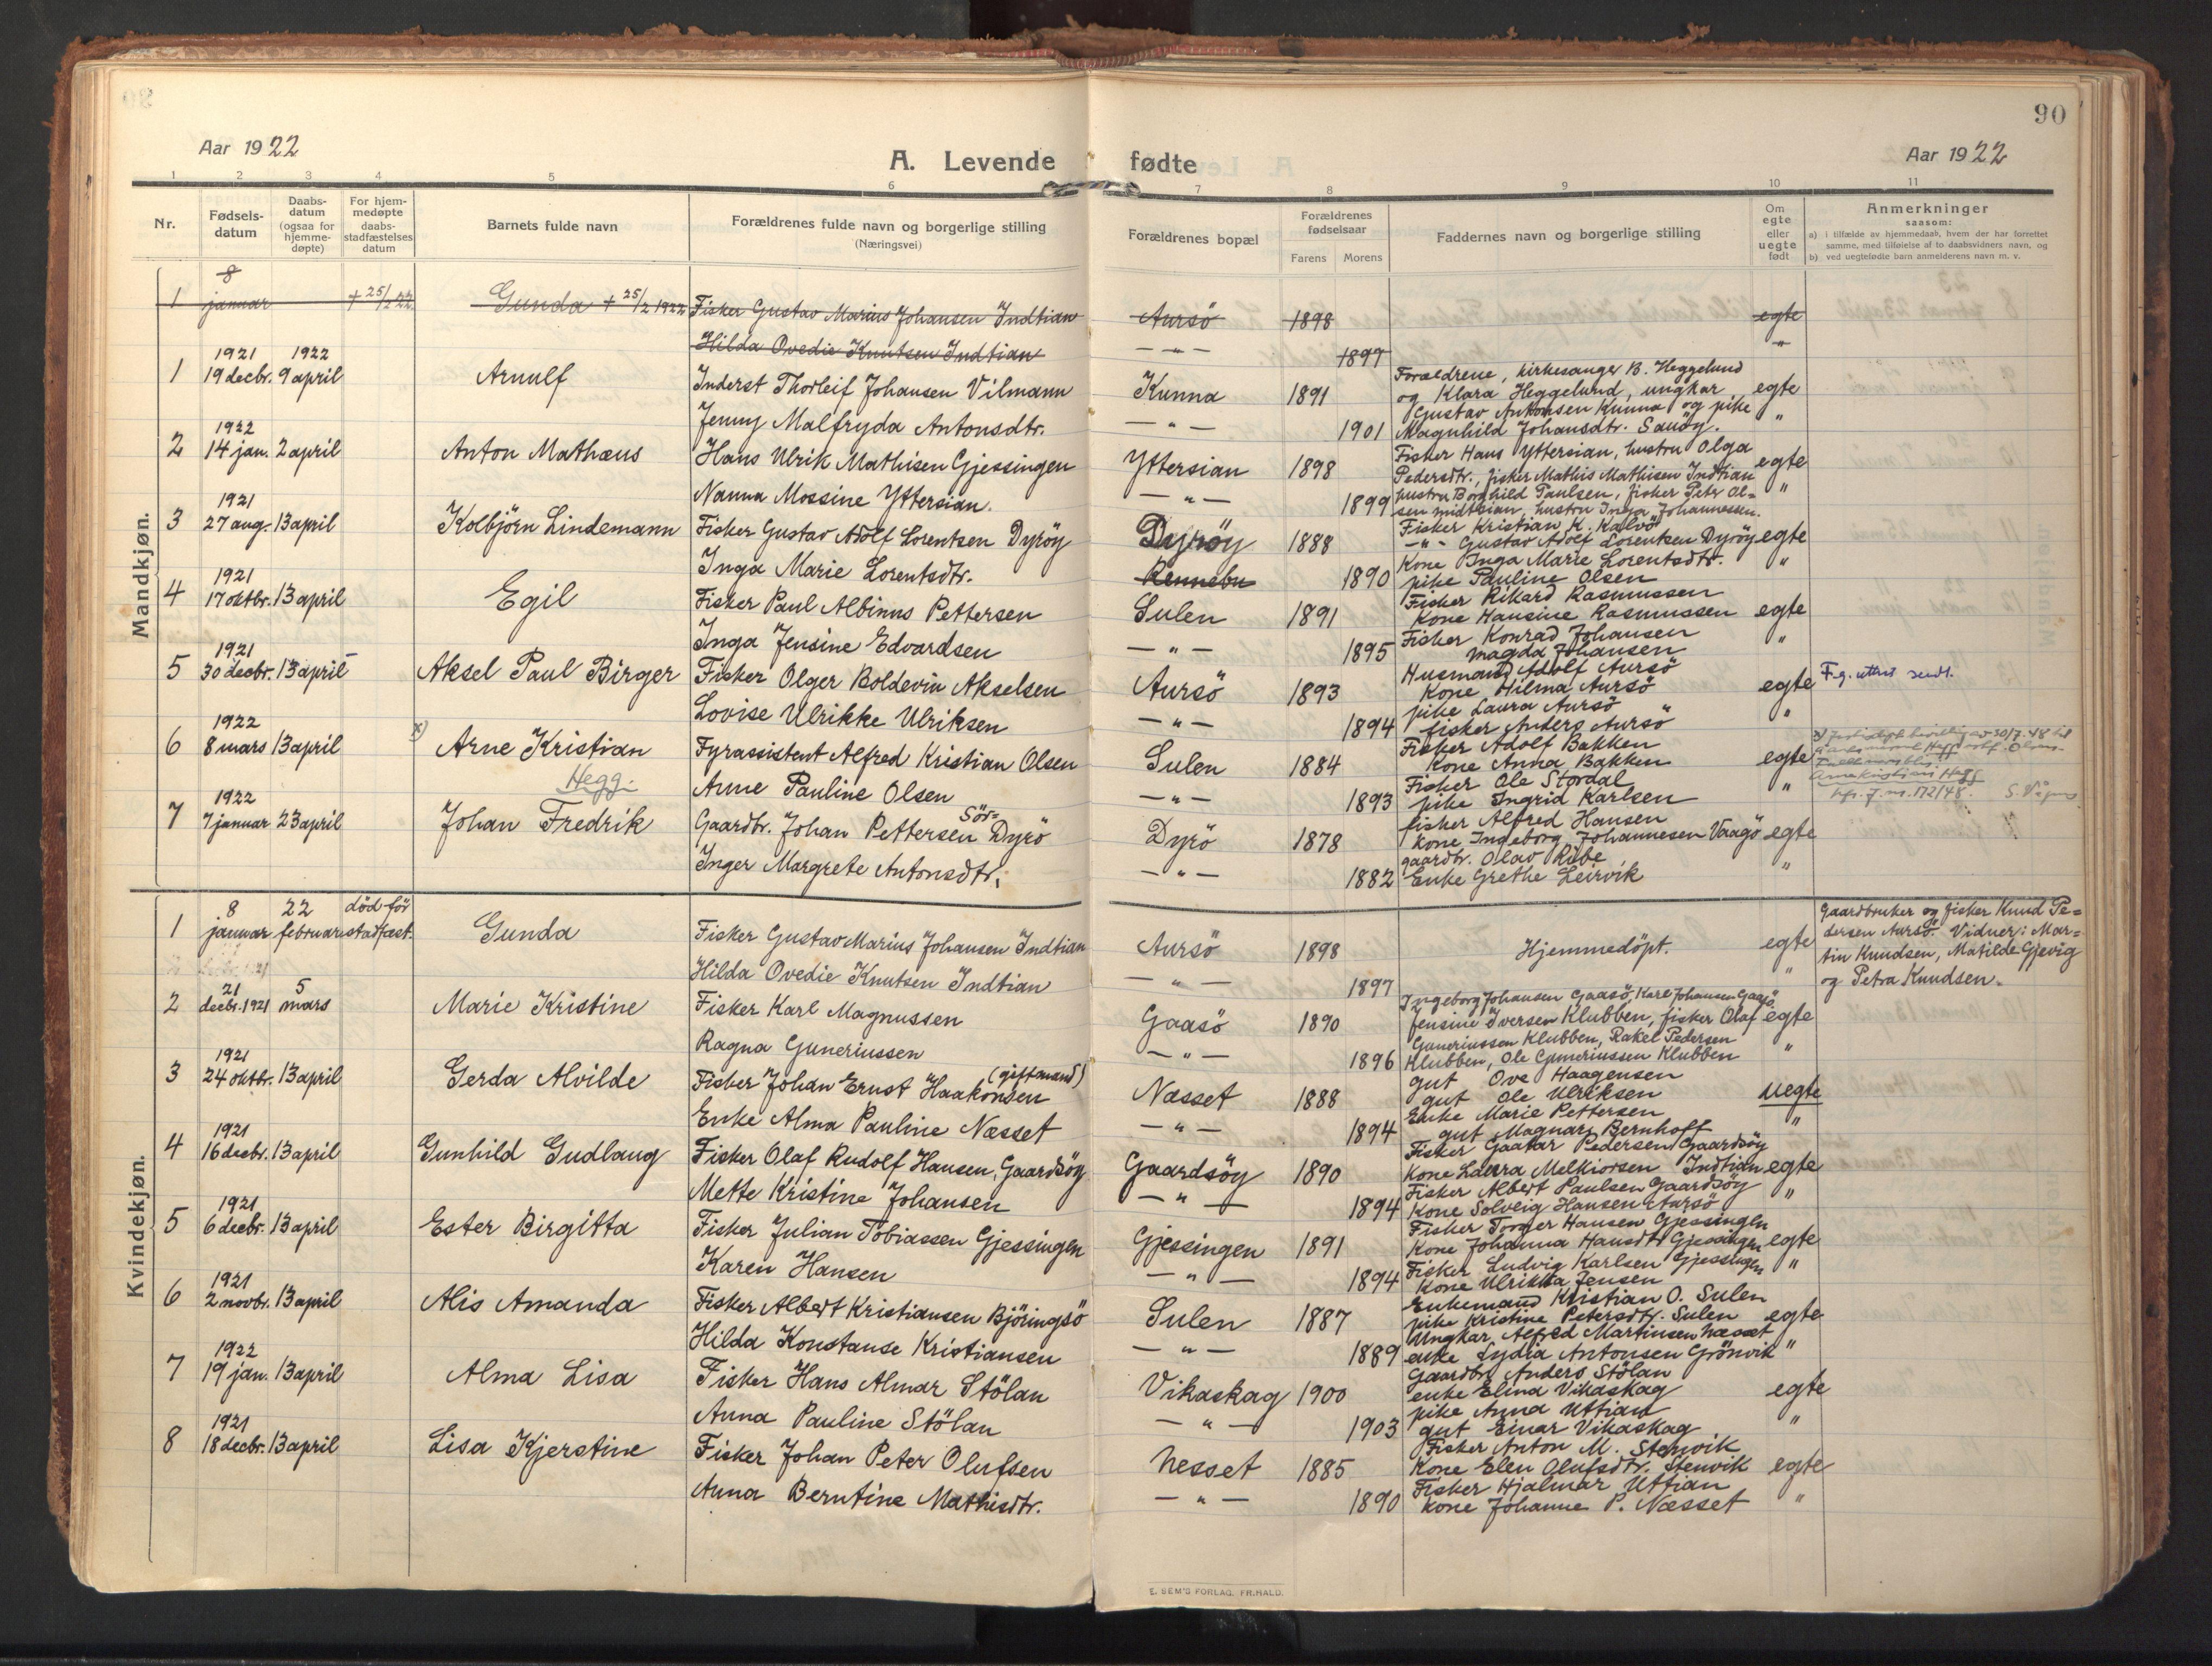 SAT, Ministerialprotokoller, klokkerbøker og fødselsregistre - Sør-Trøndelag, 640/L0581: Ministerialbok nr. 640A06, 1910-1924, s. 90